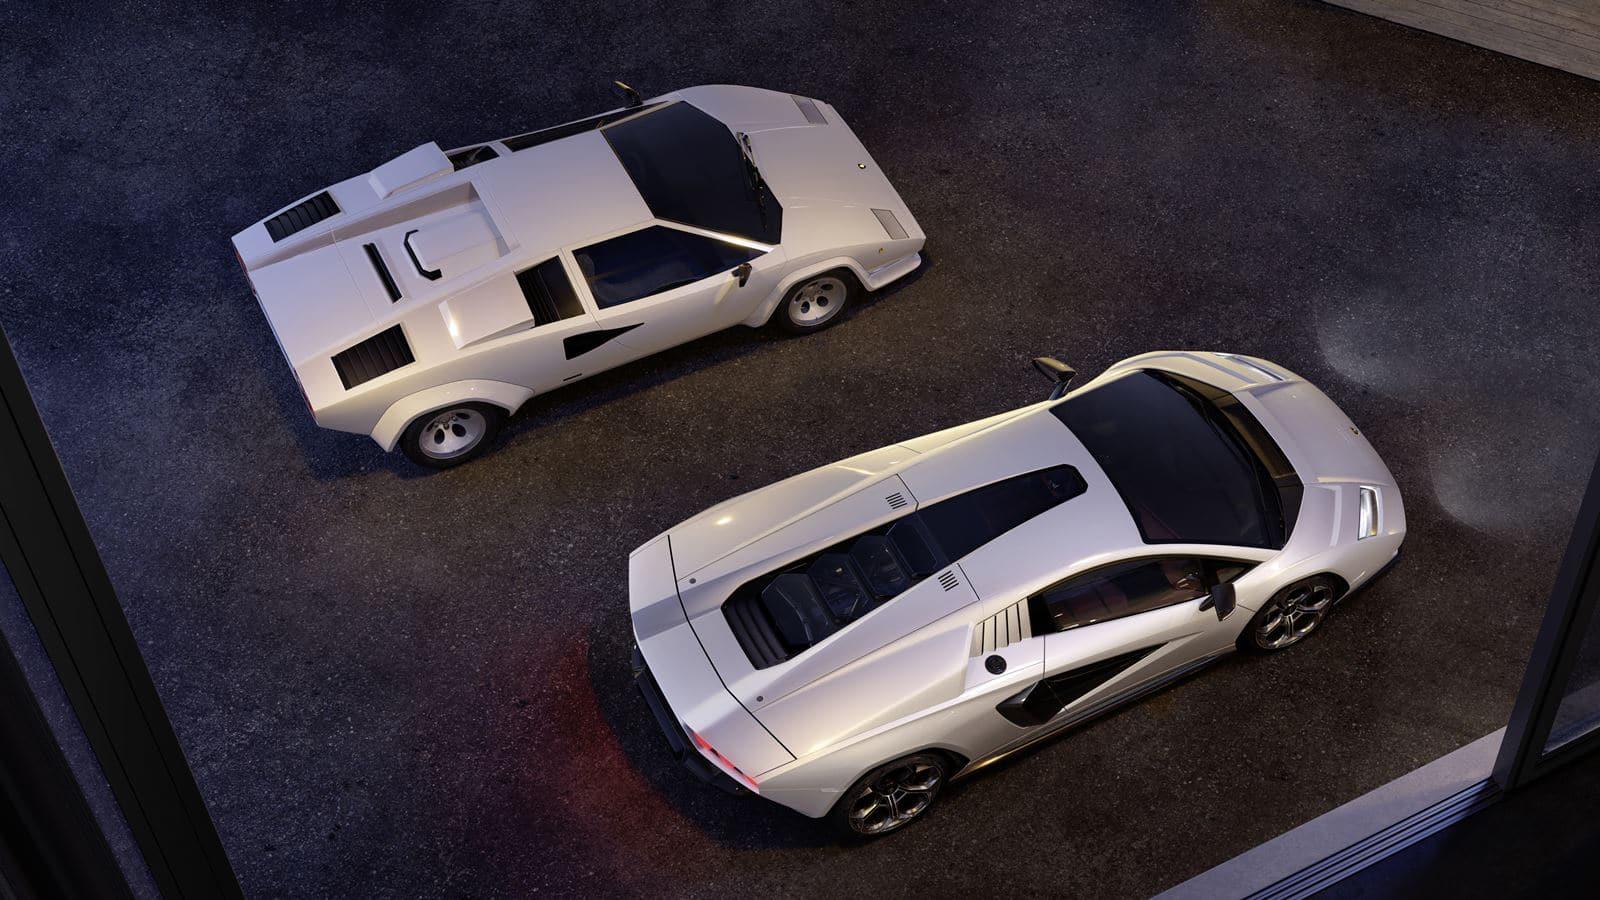 Lamborghini Countach LPI 800-4 comparativa